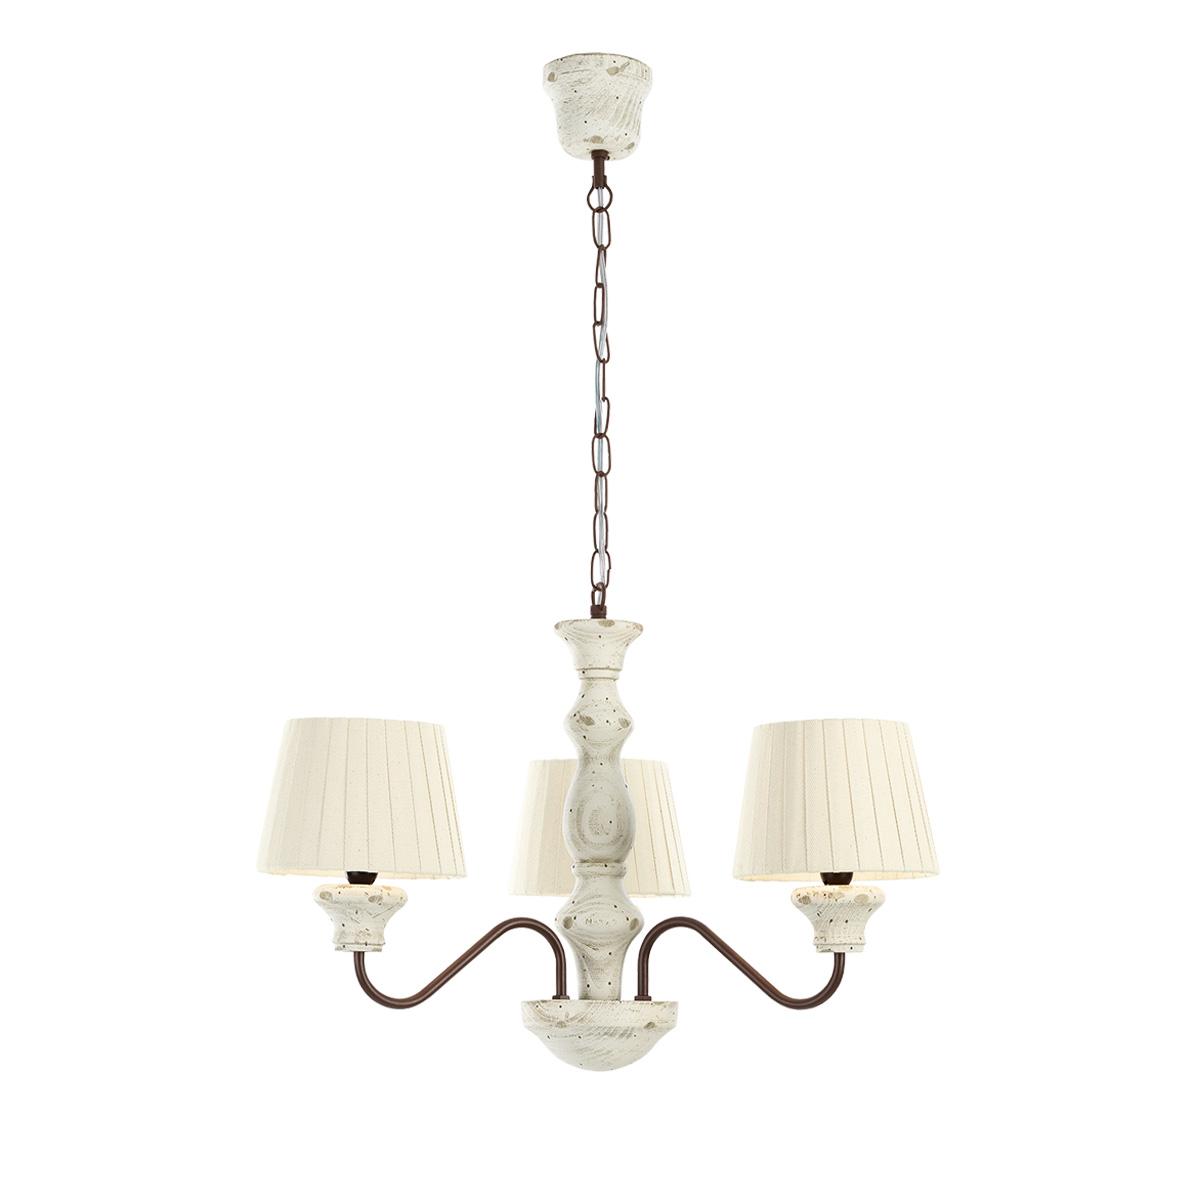 Φωτιστικό κρεμαστό TURN RUSTICO rustic chandelier